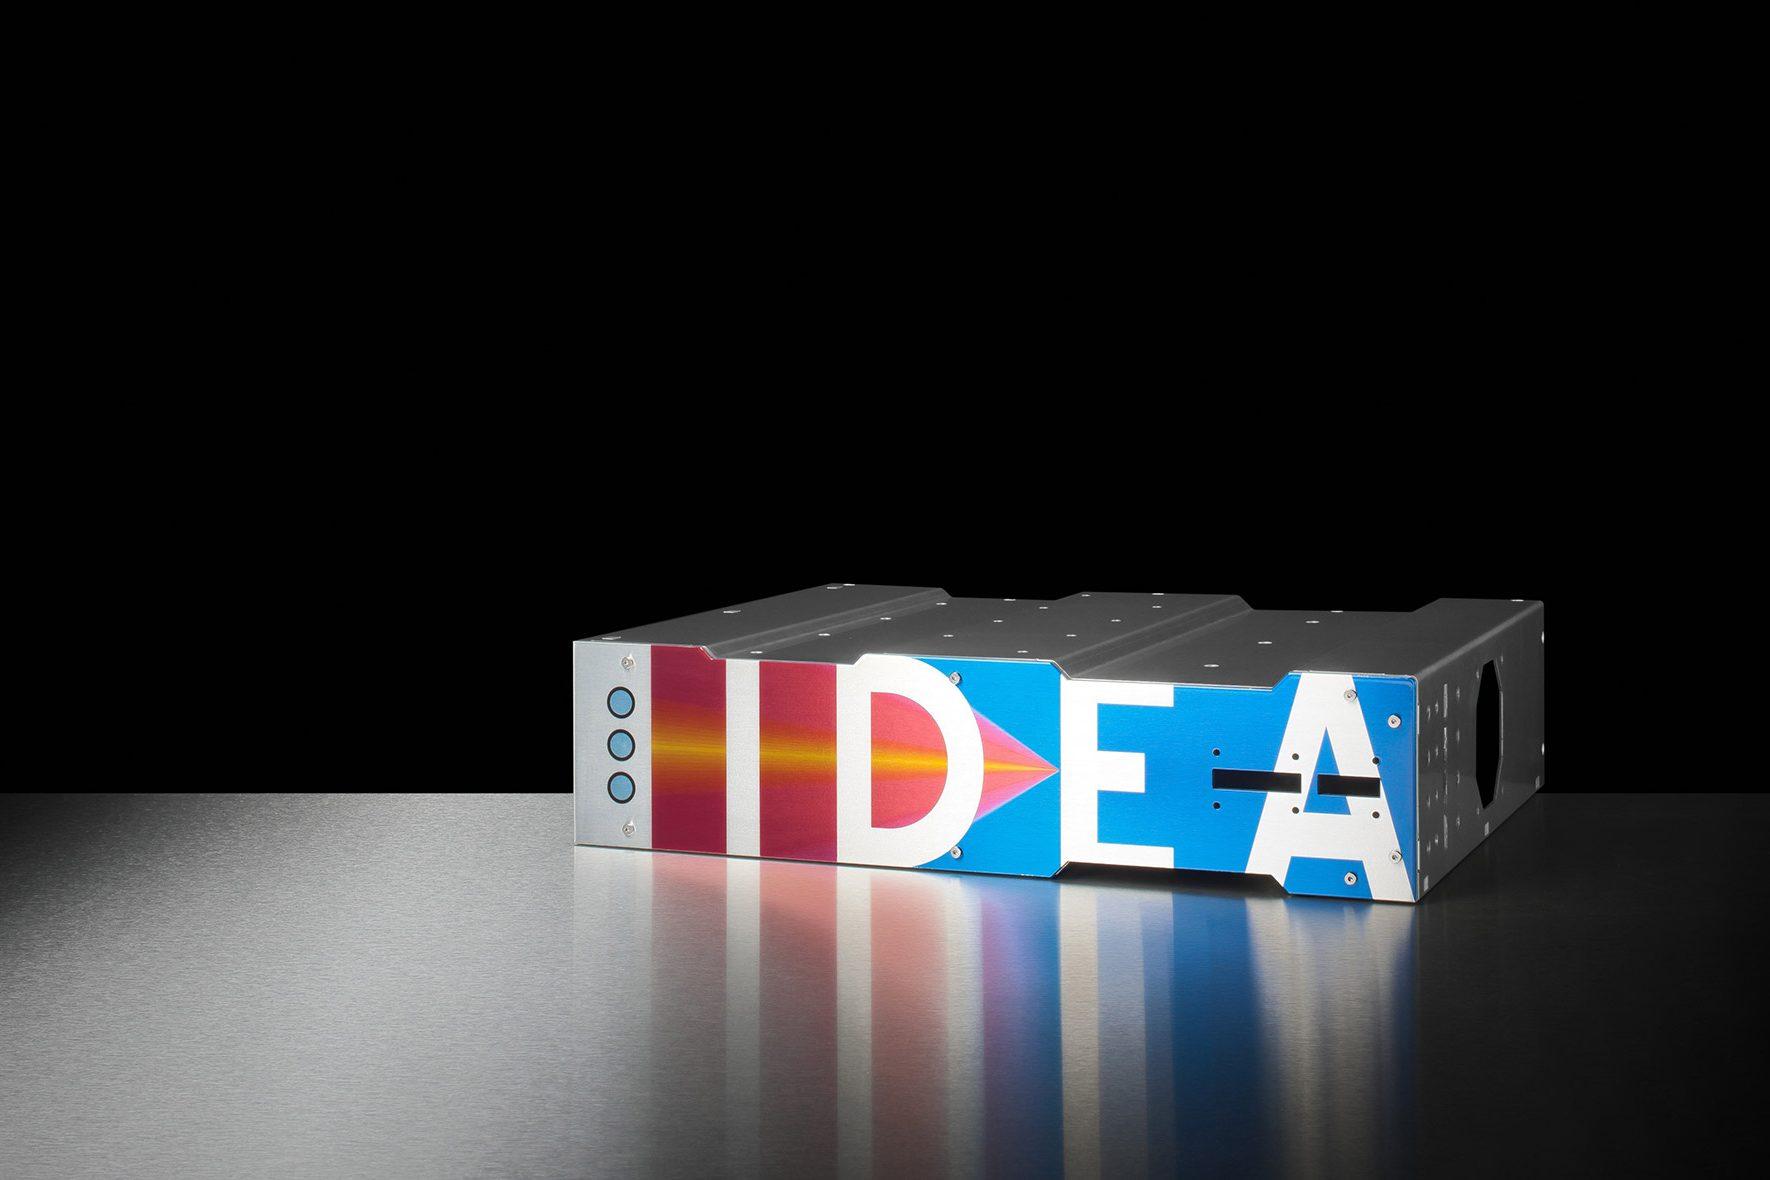 Baugruppenträger mit einem blau-roten Muster und dem Schriftzug IDEA in weißer Schrift auf der Frontseite bedruckt.